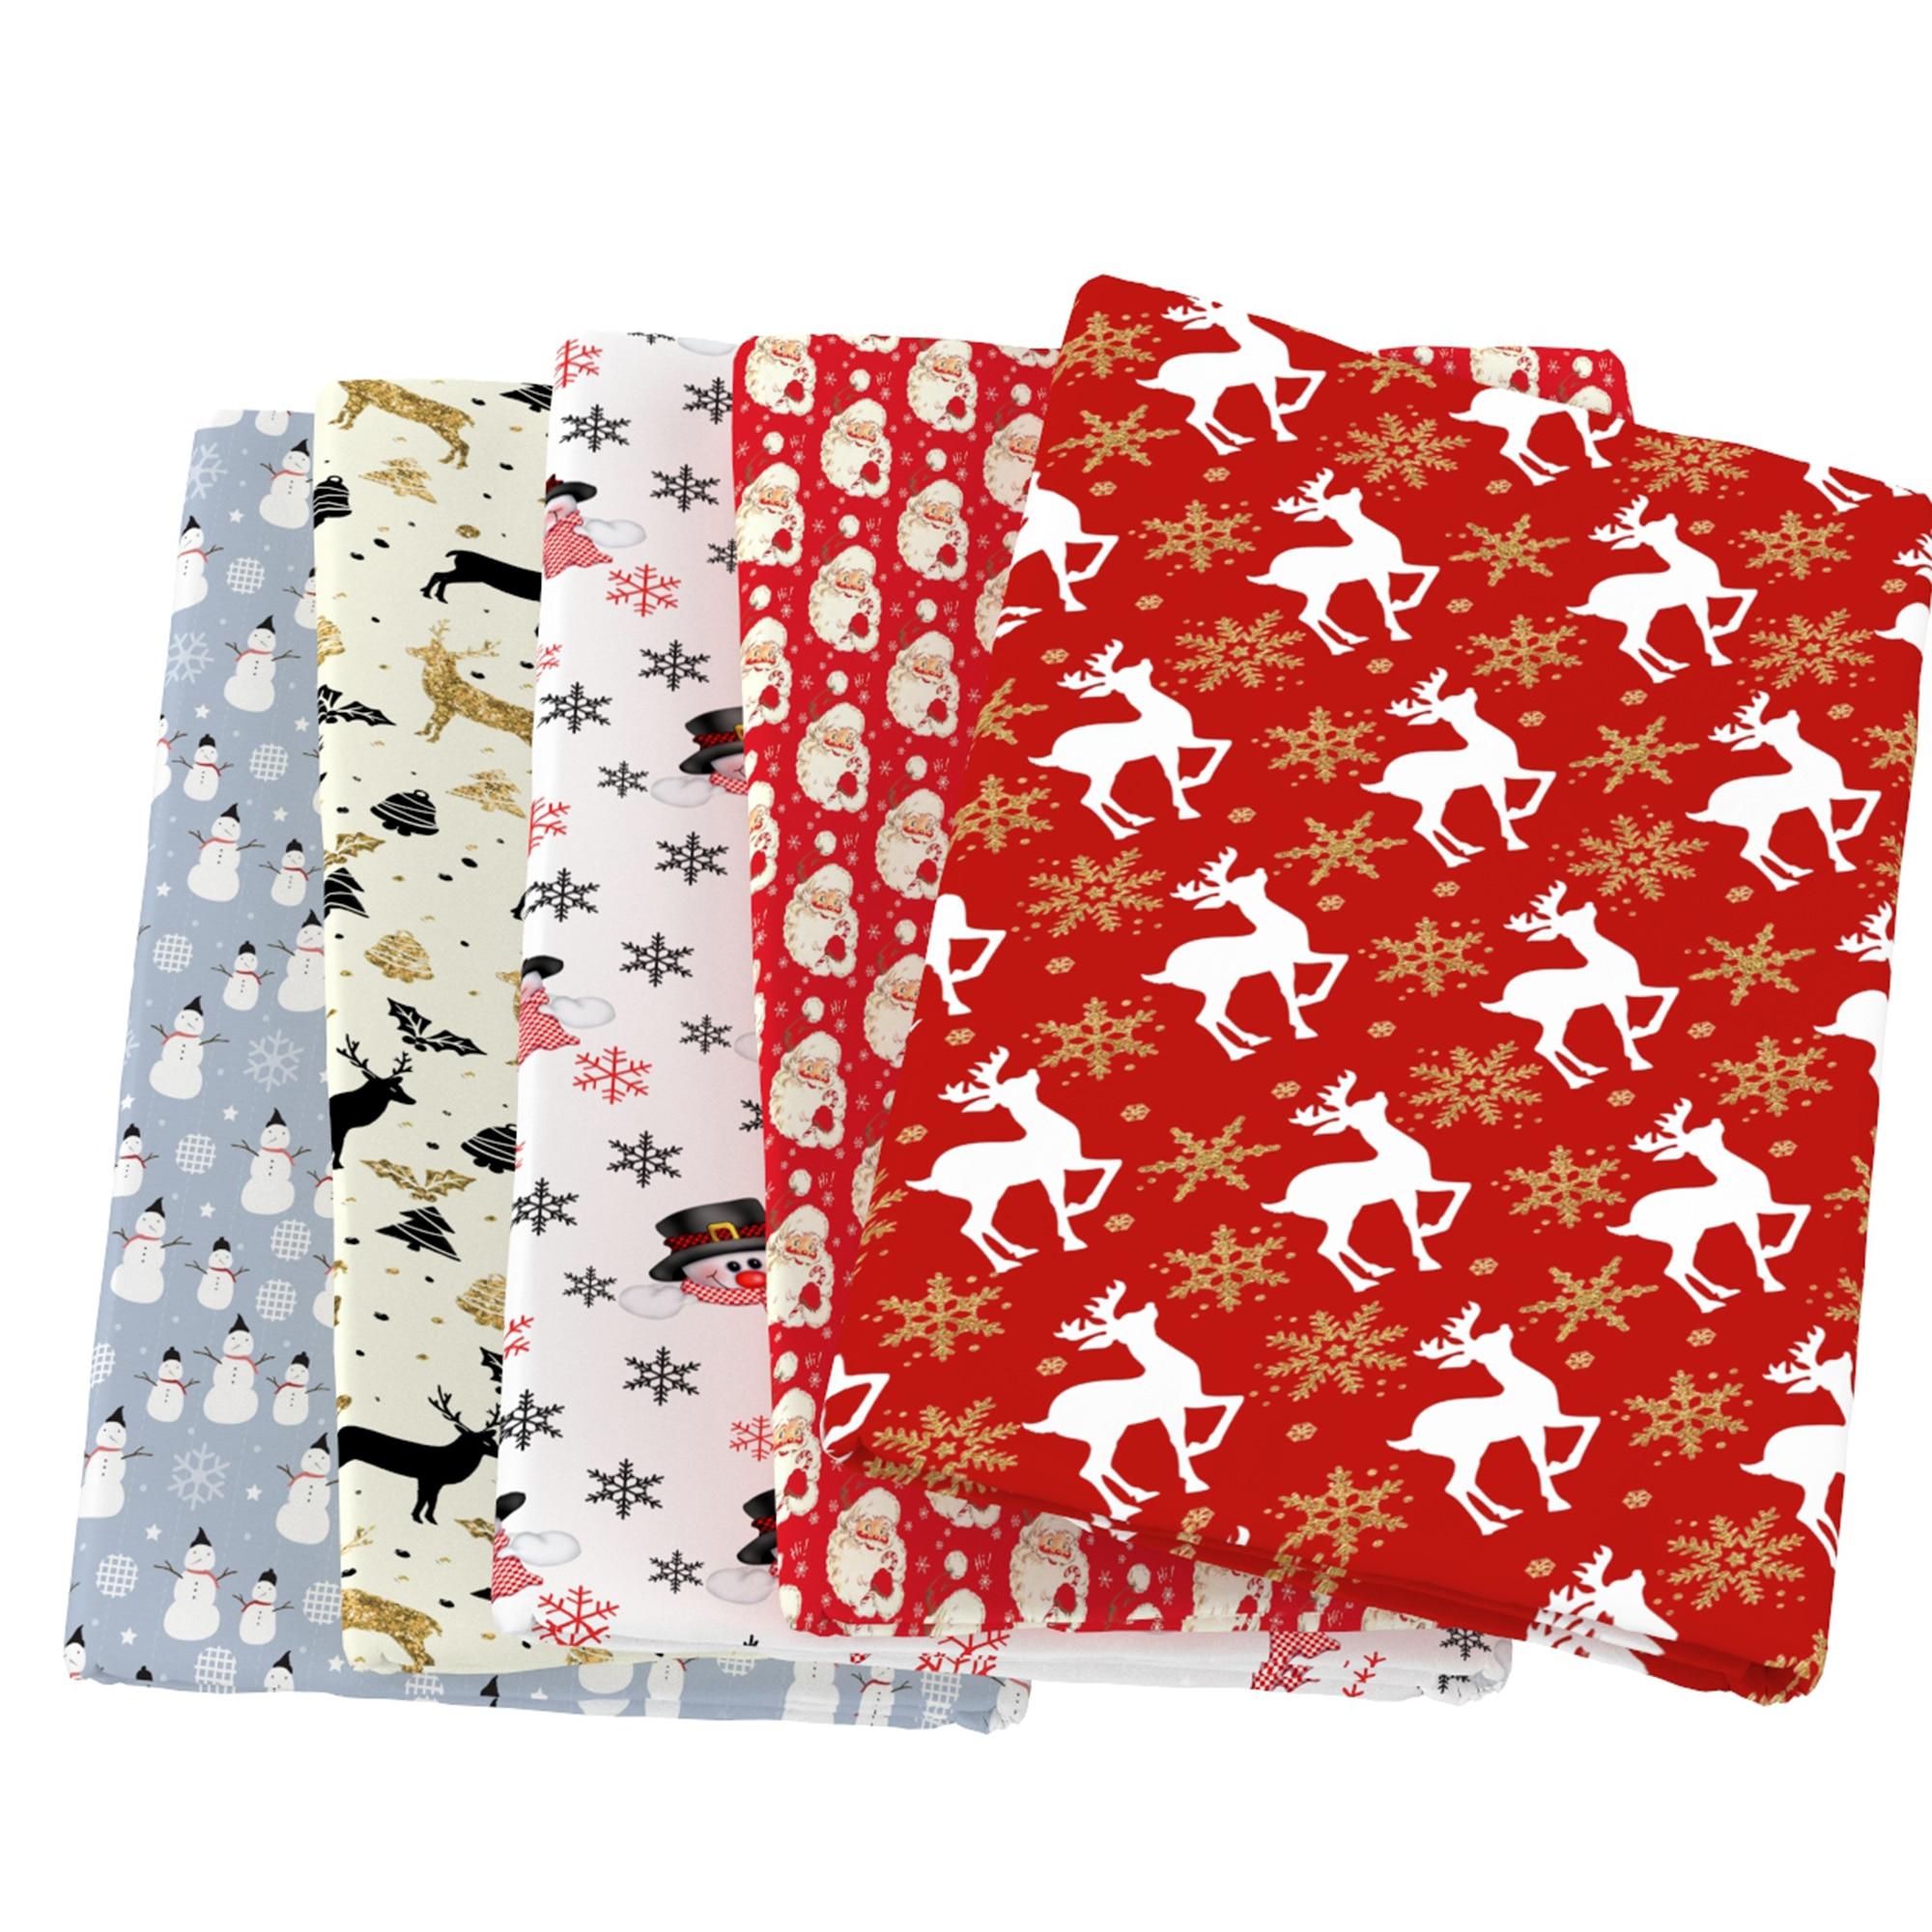 С Новым Годом Рождественская елка олень 100% хлопчатобумажная ткань для тканей детский домашний текстиль шитье квилтинг для шитья кукла тиль...